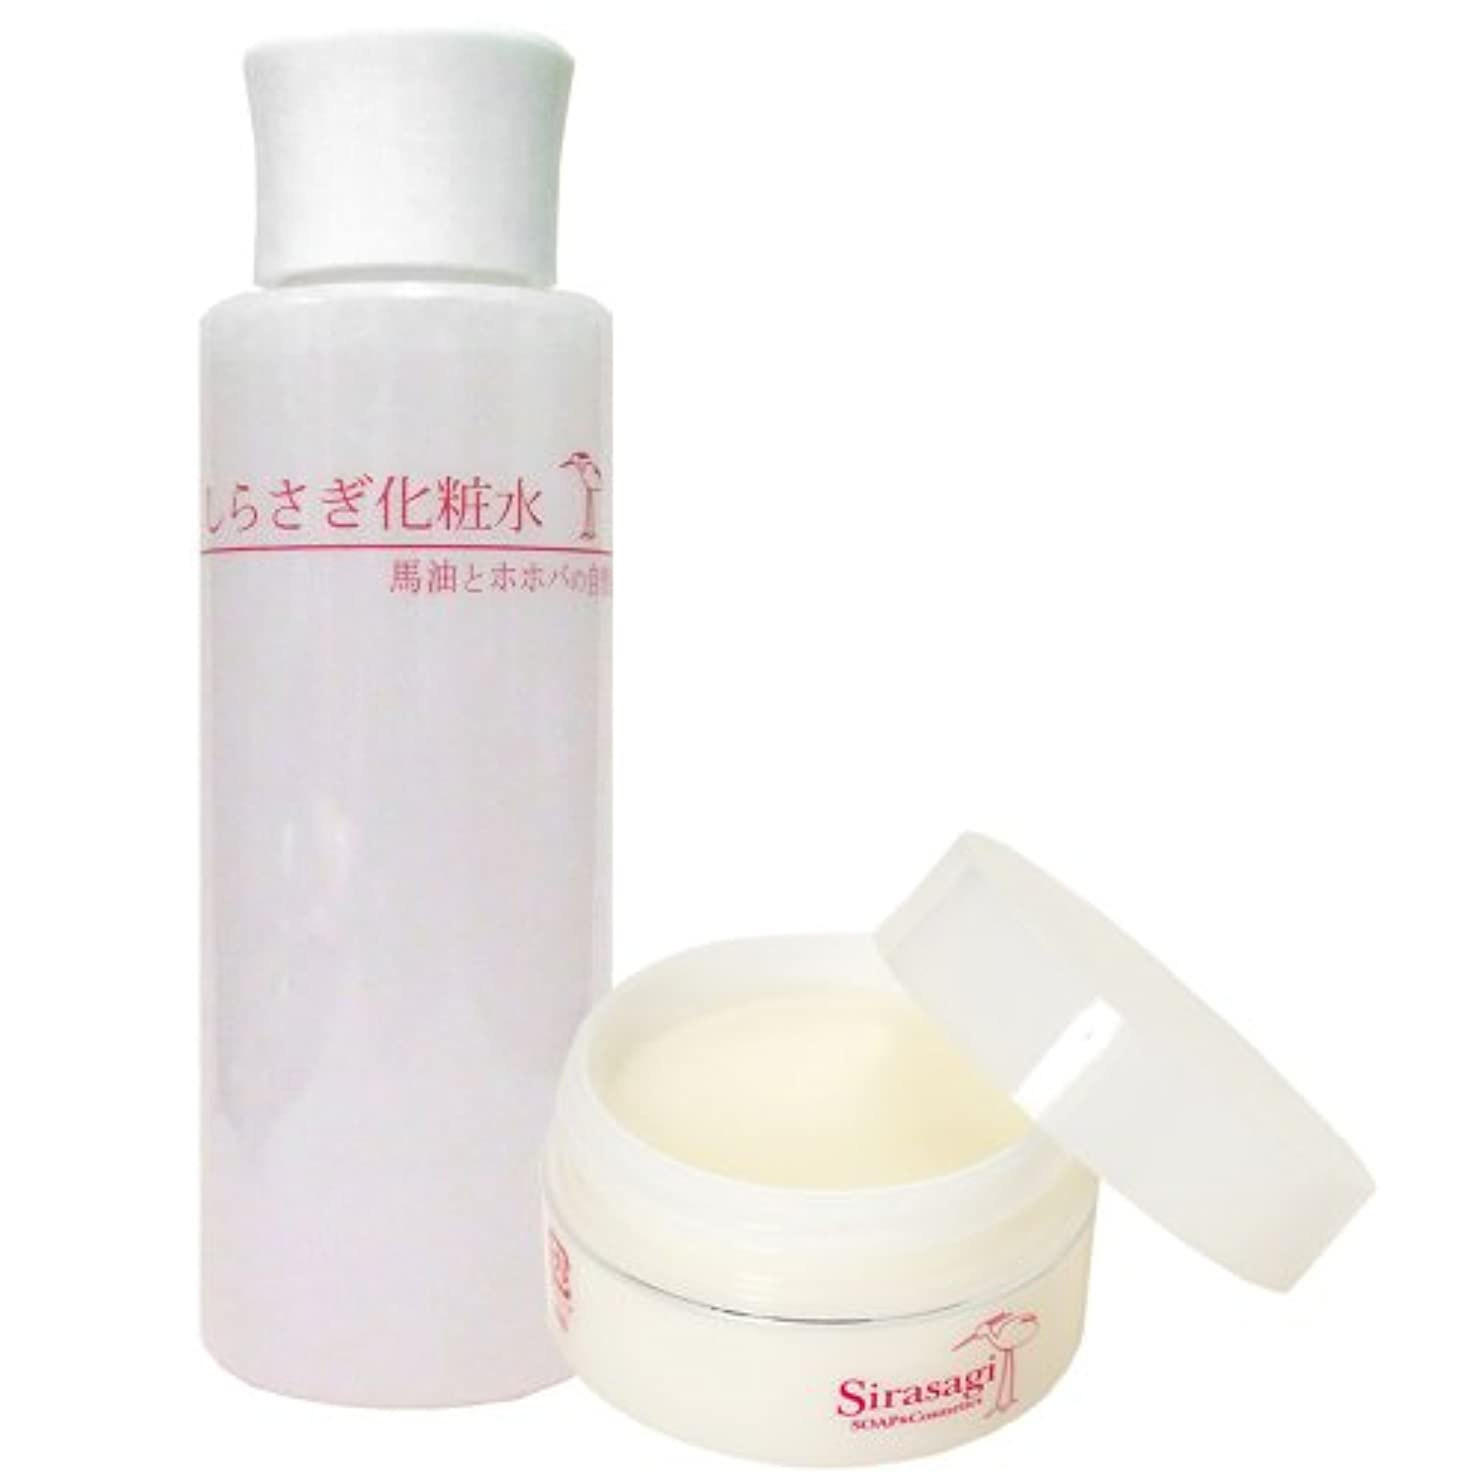 突破口達成する見えないしらさぎクリーム(無香料)としらさぎ化粧水のセット